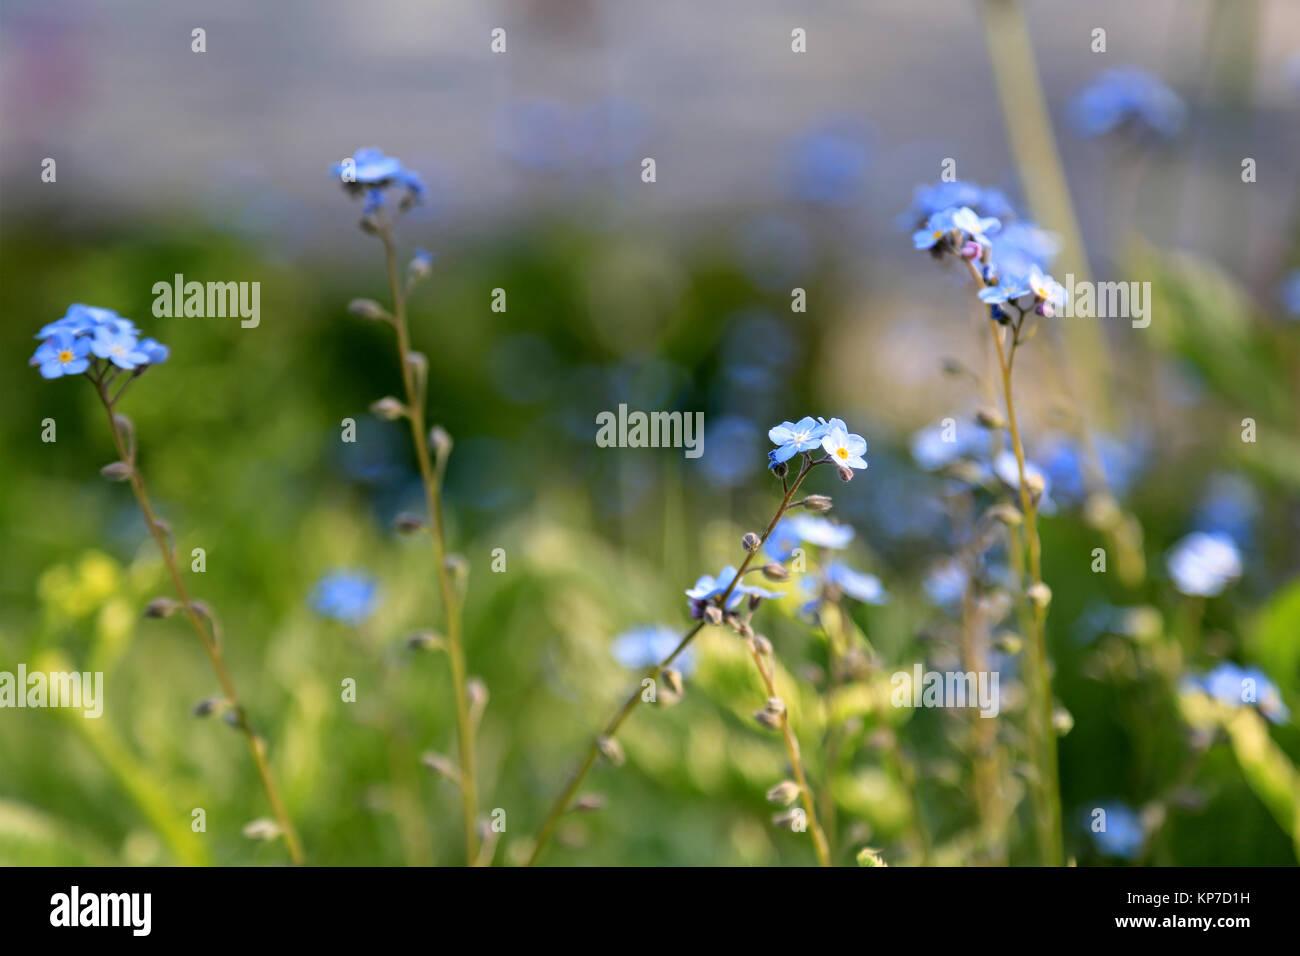 Las pequeñas flores azules de Forget-me-not (Myosotis), profundidad de campo y el fondo borroso, adecuado para Imagen De Stock